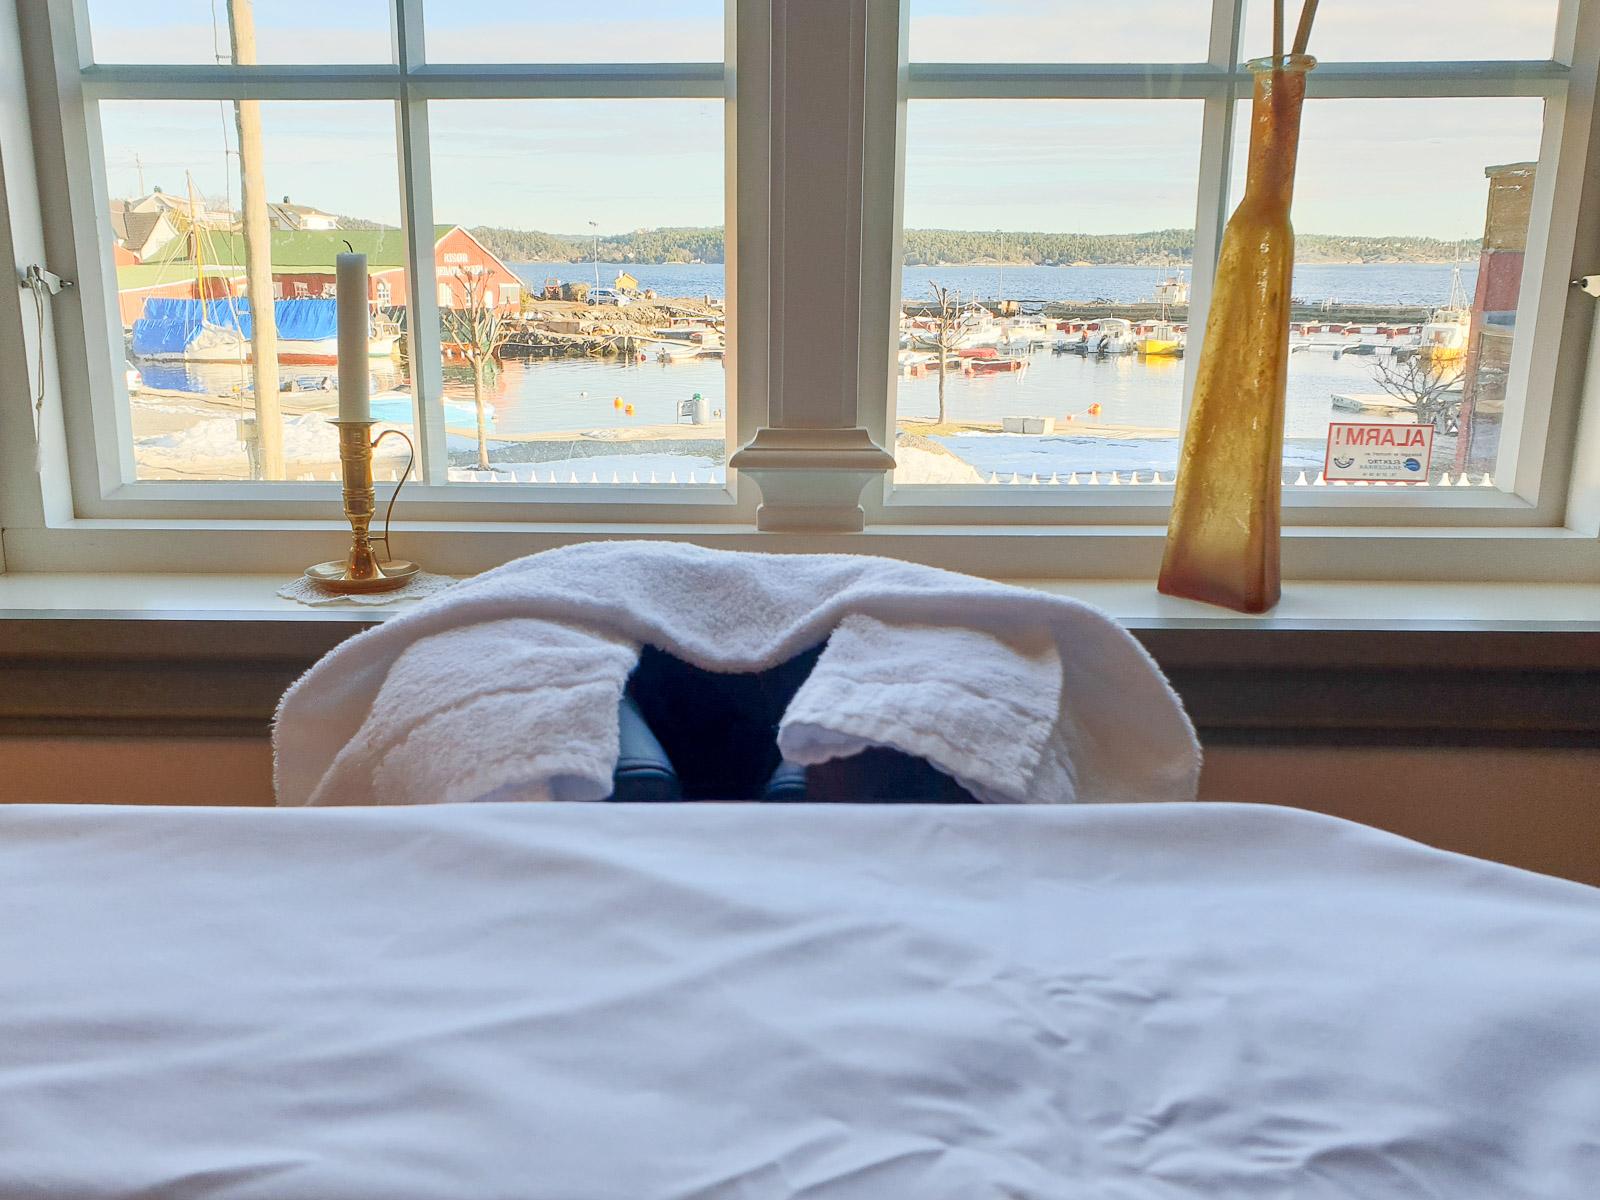 Massage bench in hotel suite